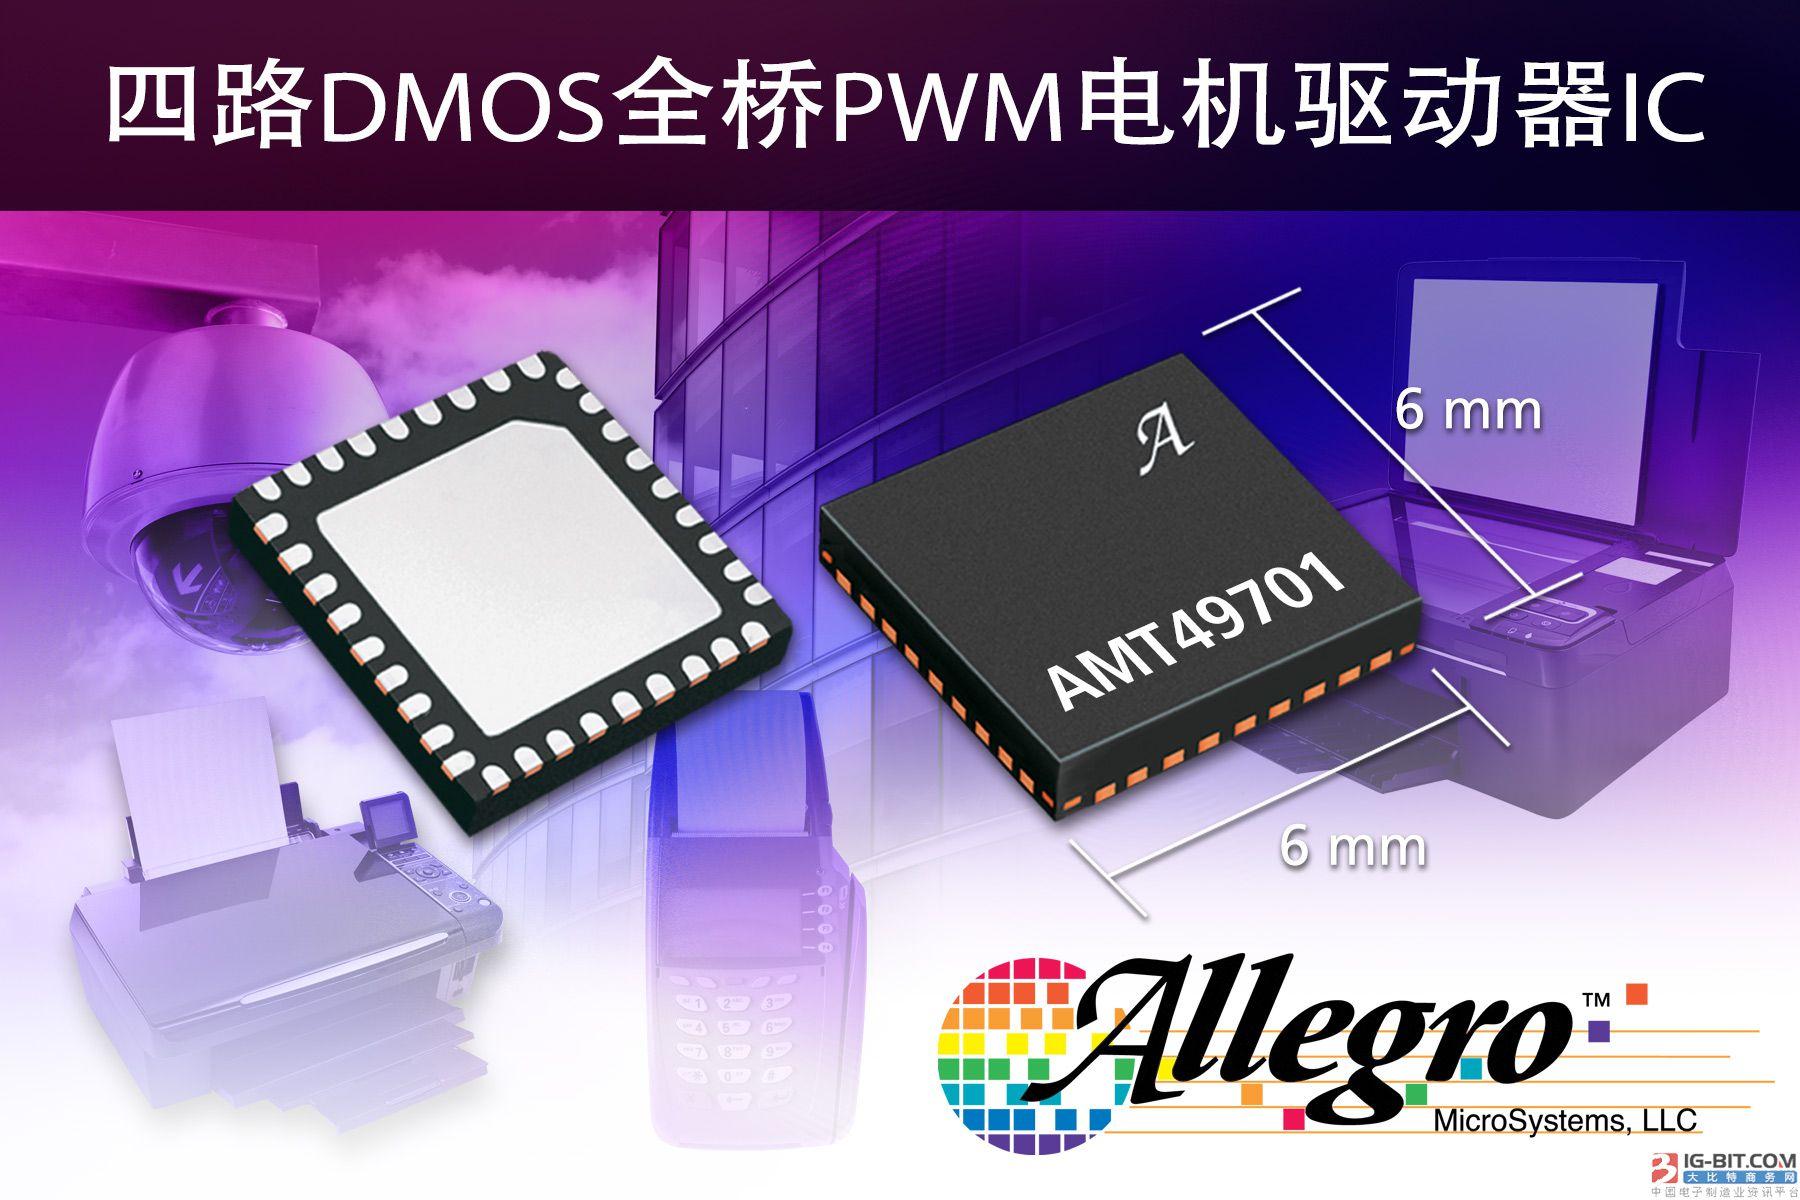 Allegro MicroSystems, LLC推出 新型四路全桥PWM电机驱动器IC